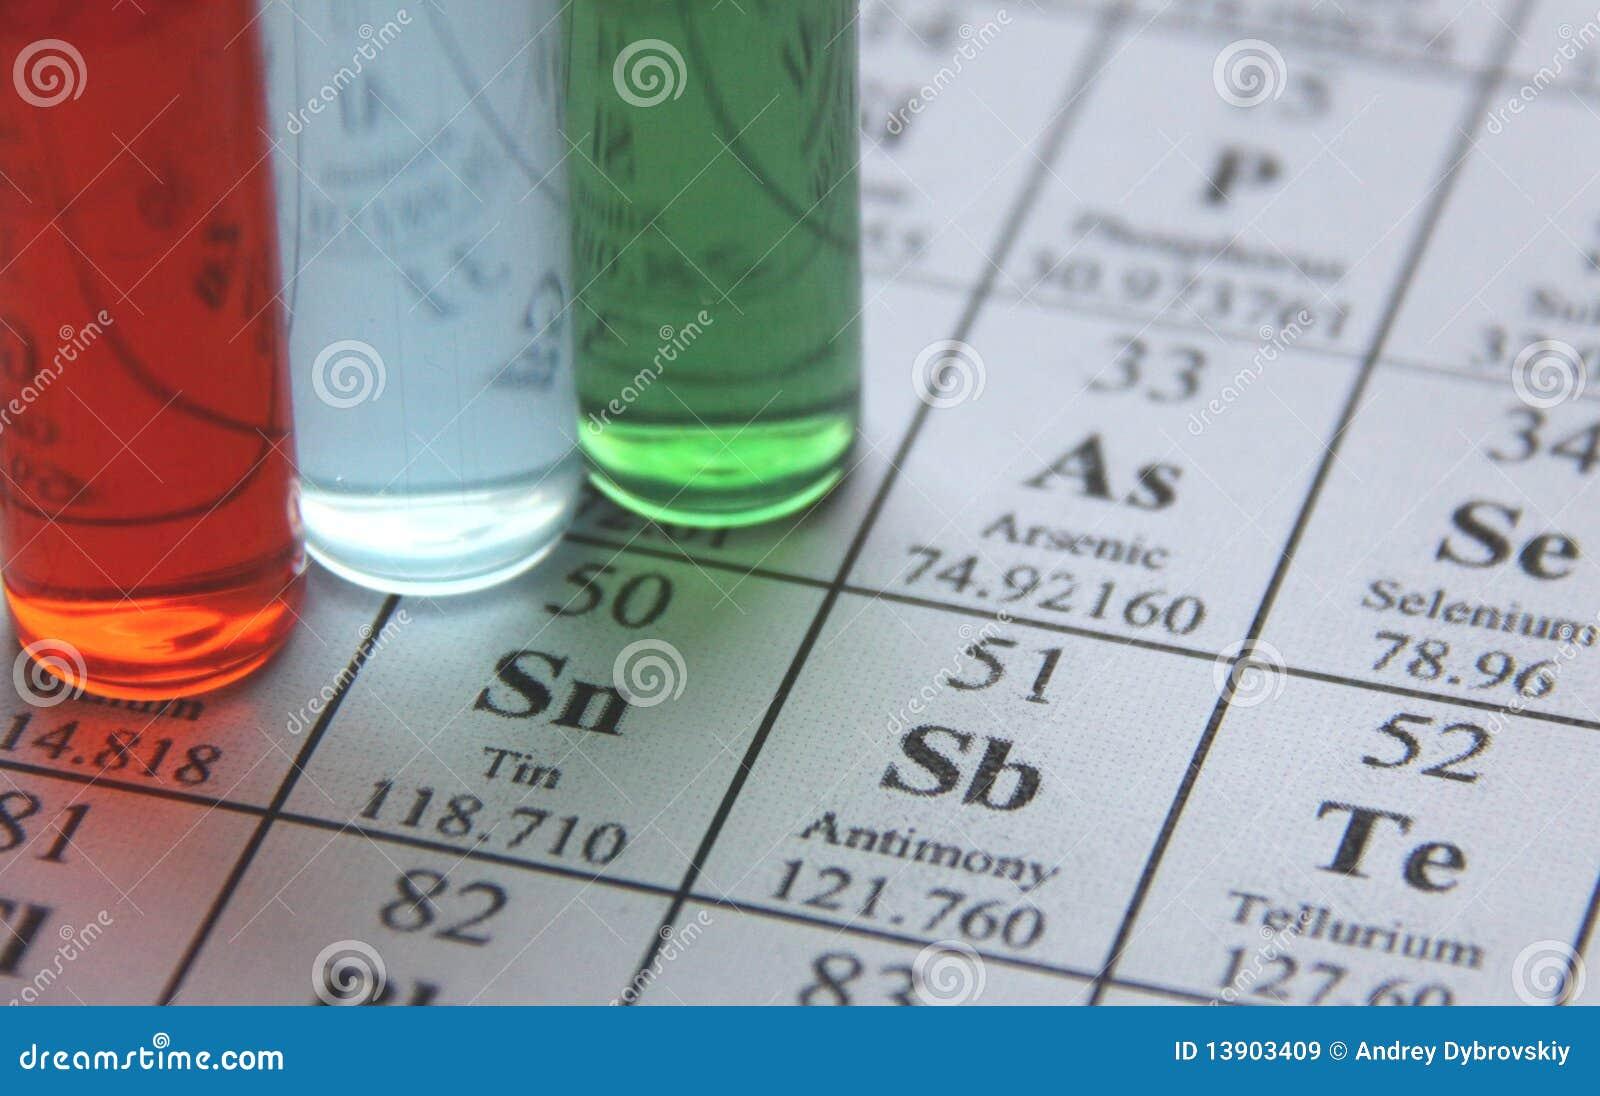 Química. Série da câmara de ar de teste